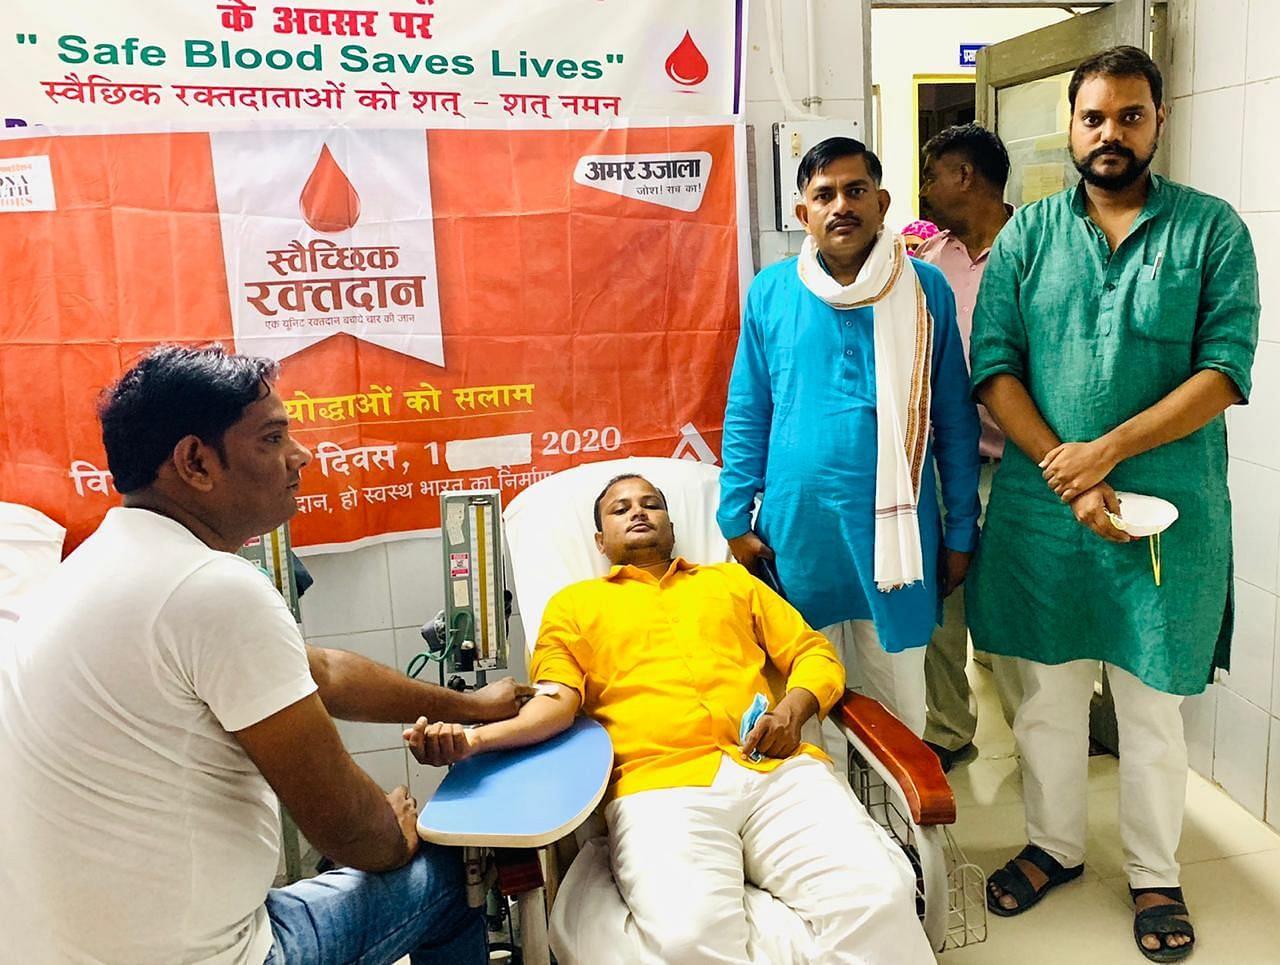 ब्लड बैैंक में अमर उजाला द्वारा आयोजित स्वैच्छिक रक्तदान शिविर में रक्तदान करते भाजयुमो कार्यक?